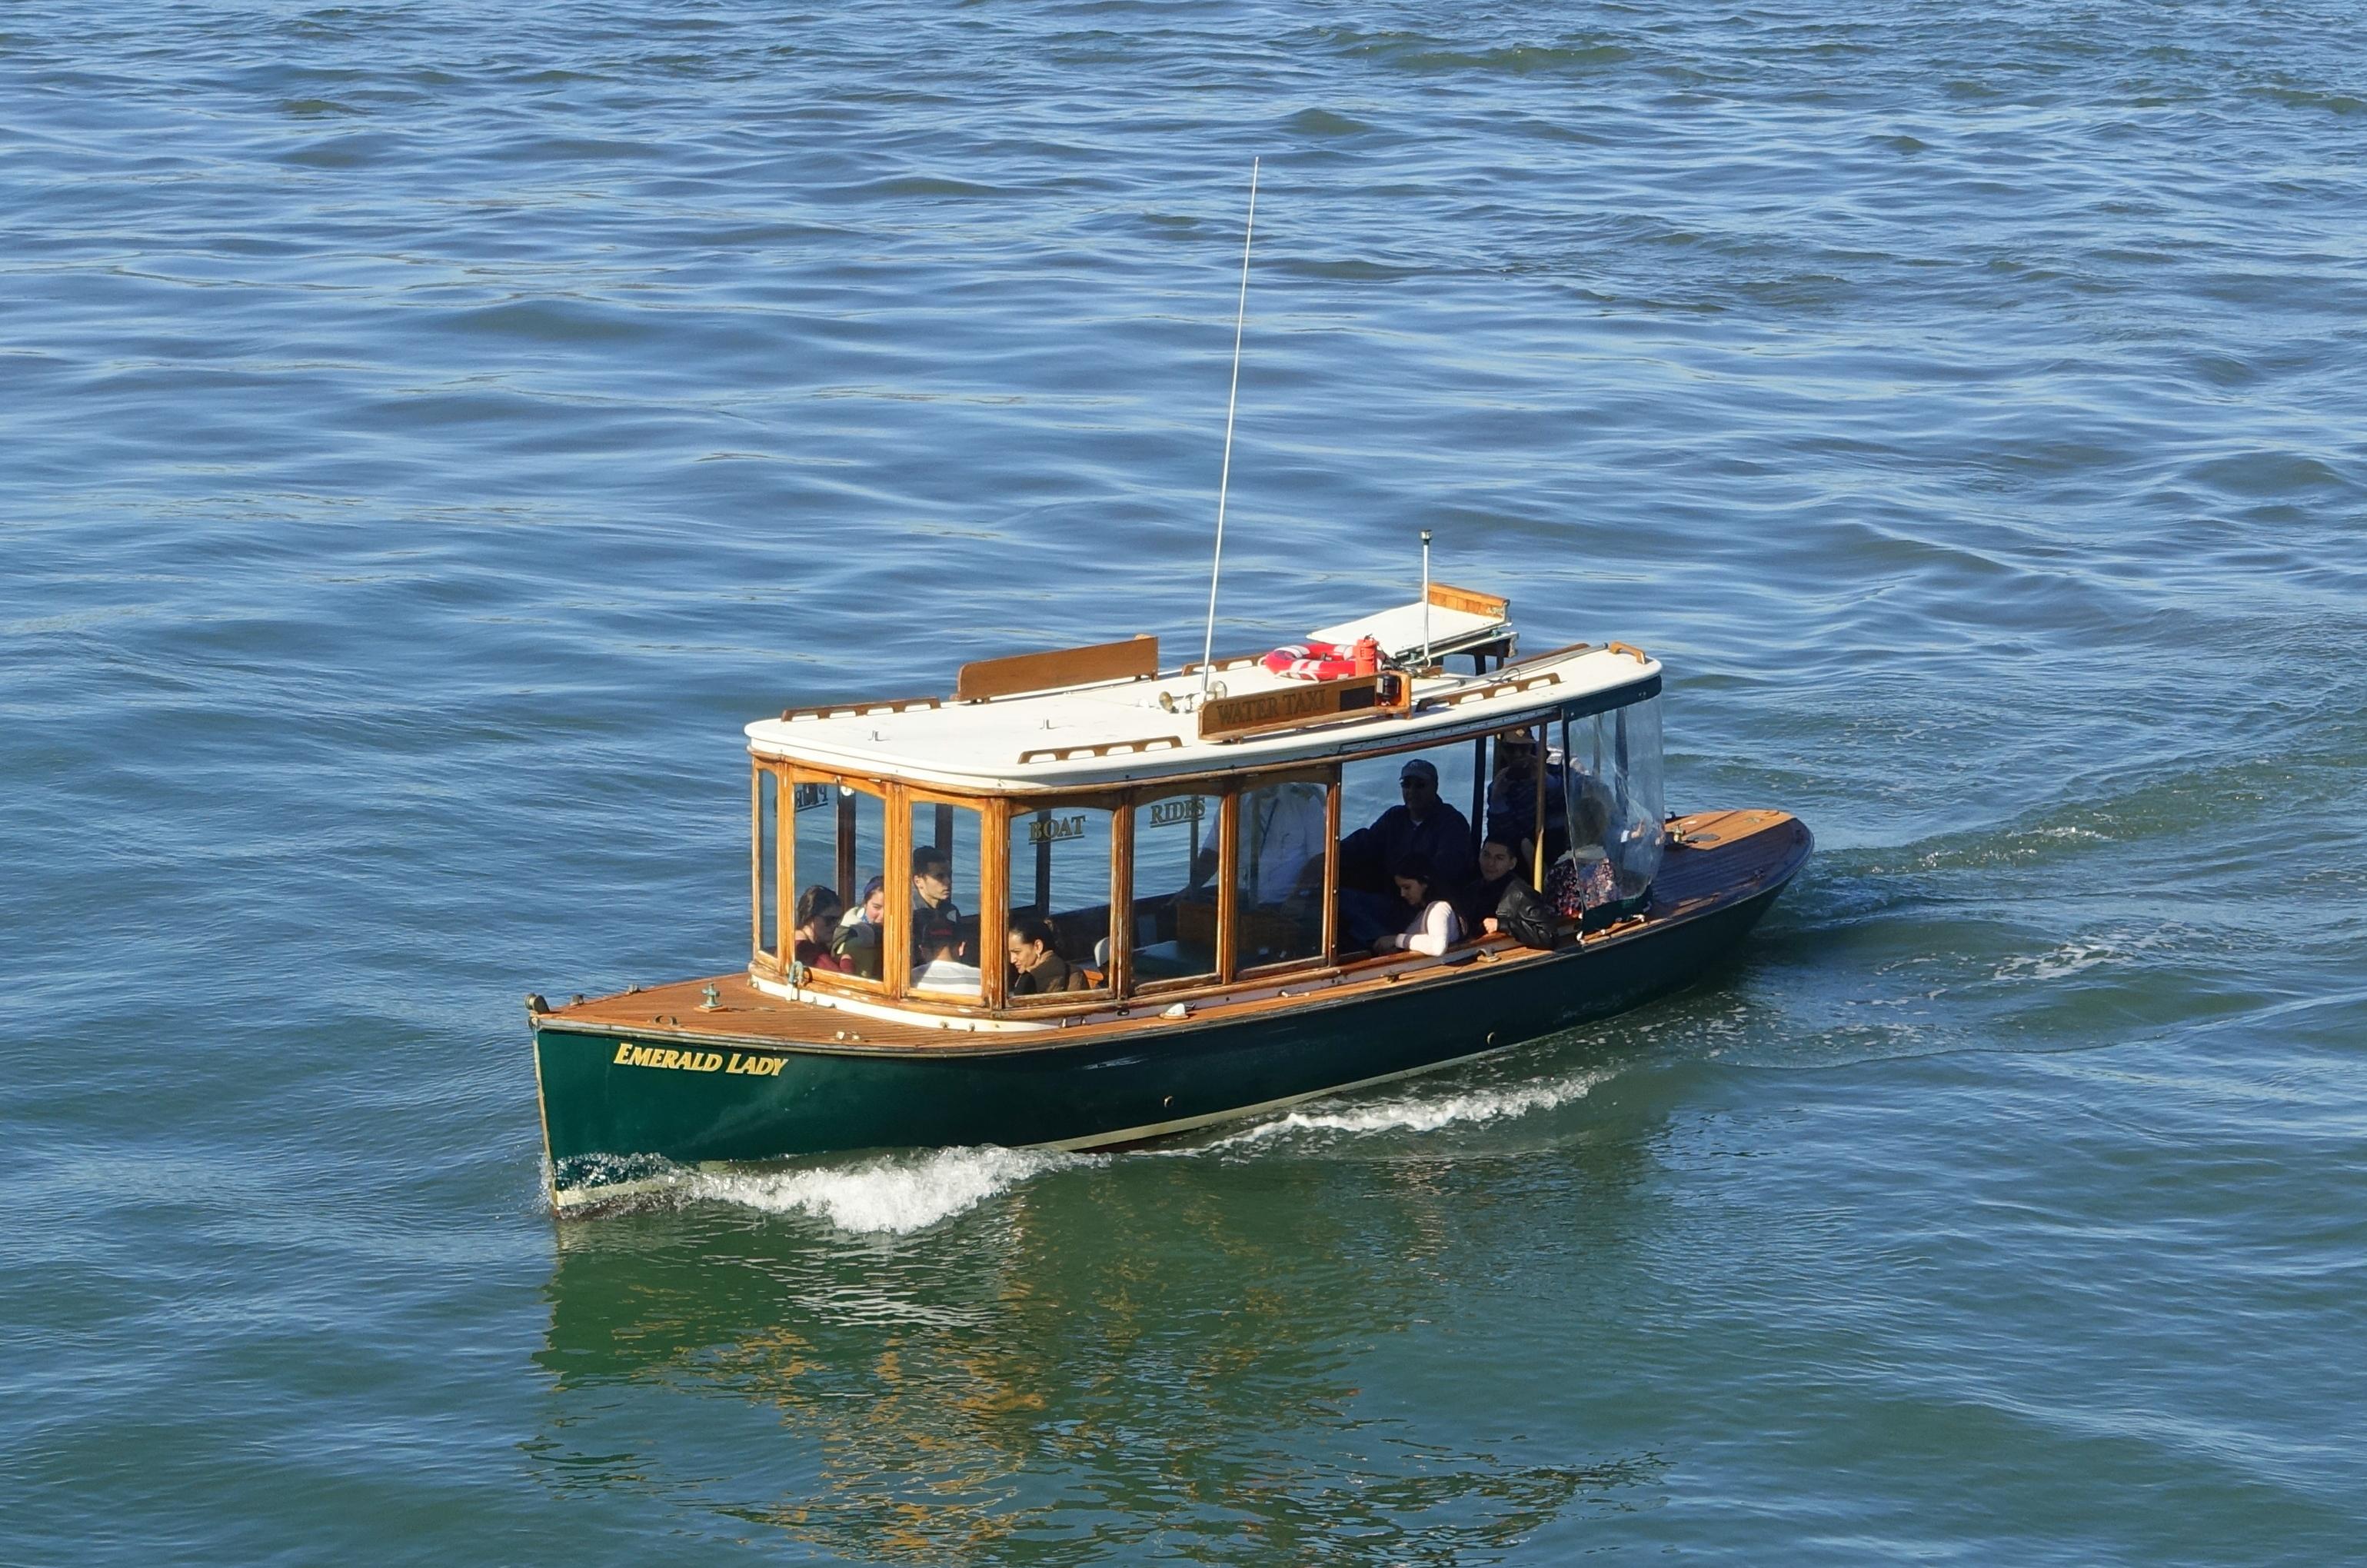 File Emerald Lady Boat Ride San Francisco Ca Dsc07575